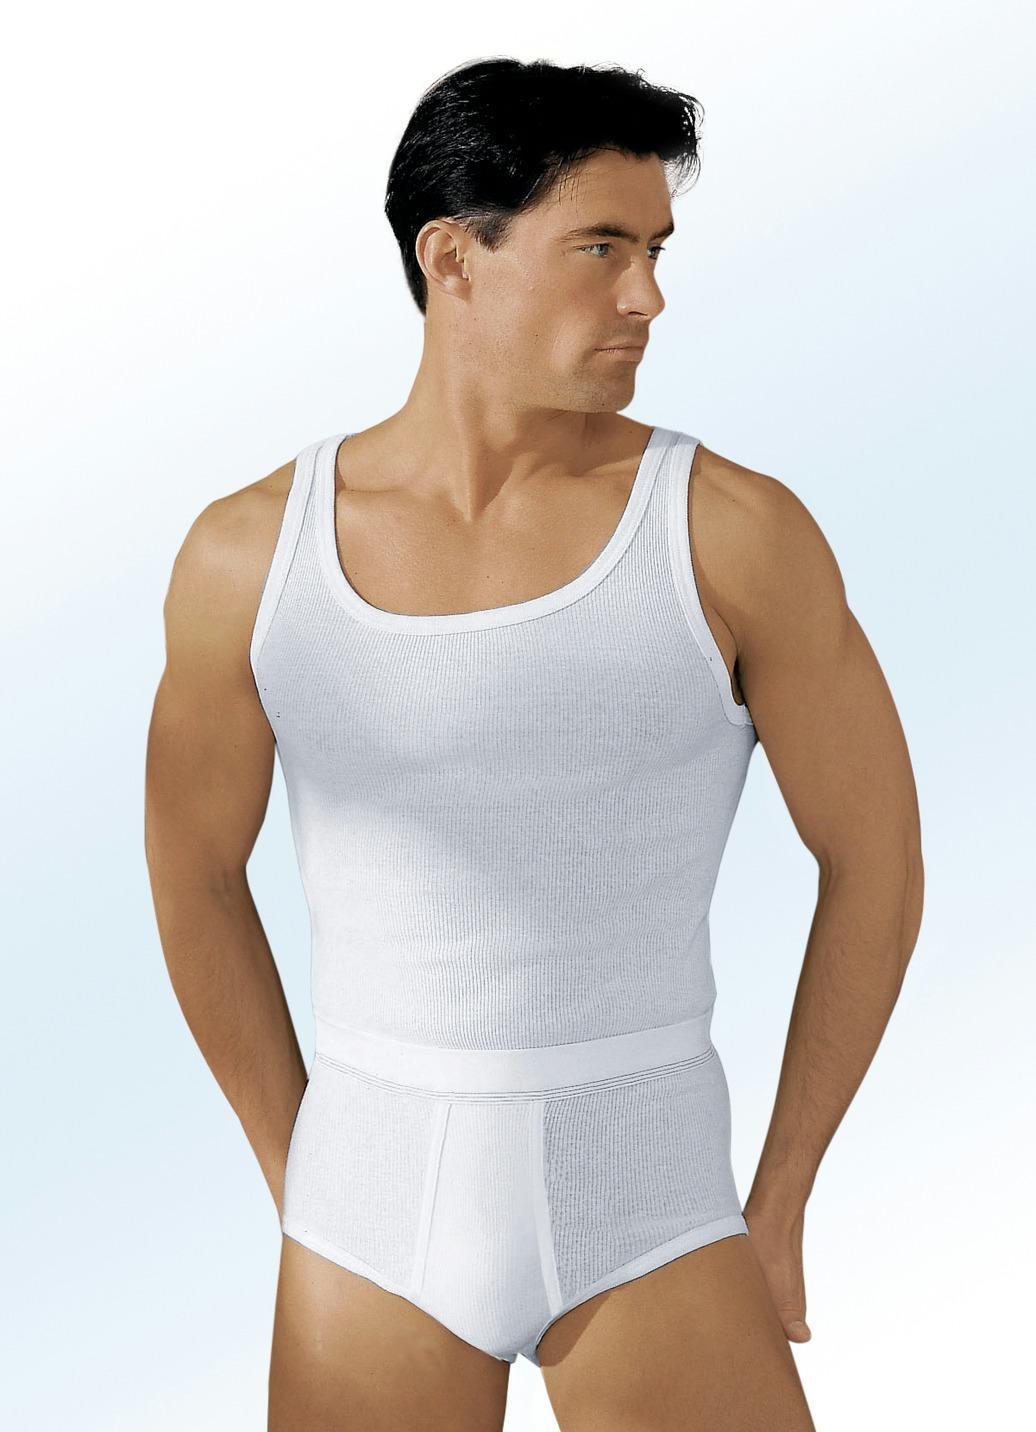 hermko mehrfachpack slips aus doppelripp mit eingriff wei unterw sche bader. Black Bedroom Furniture Sets. Home Design Ideas